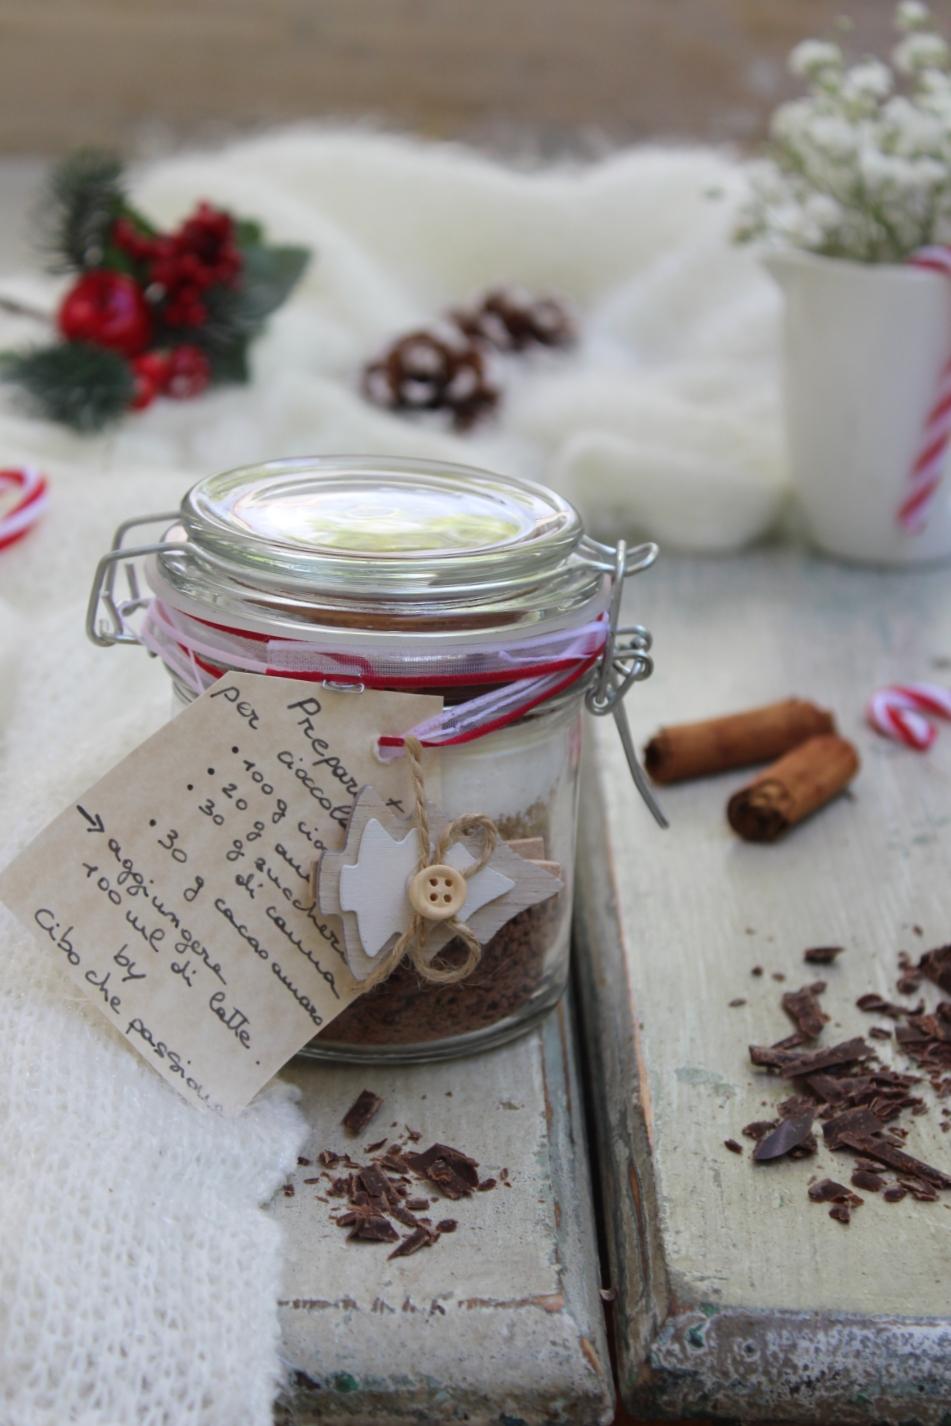 Regali Di Natale Culinari Fai Da Te.Regali Di Natale Fai Da Te Preparato Per Cioccolata Calda Cibo Che Passione